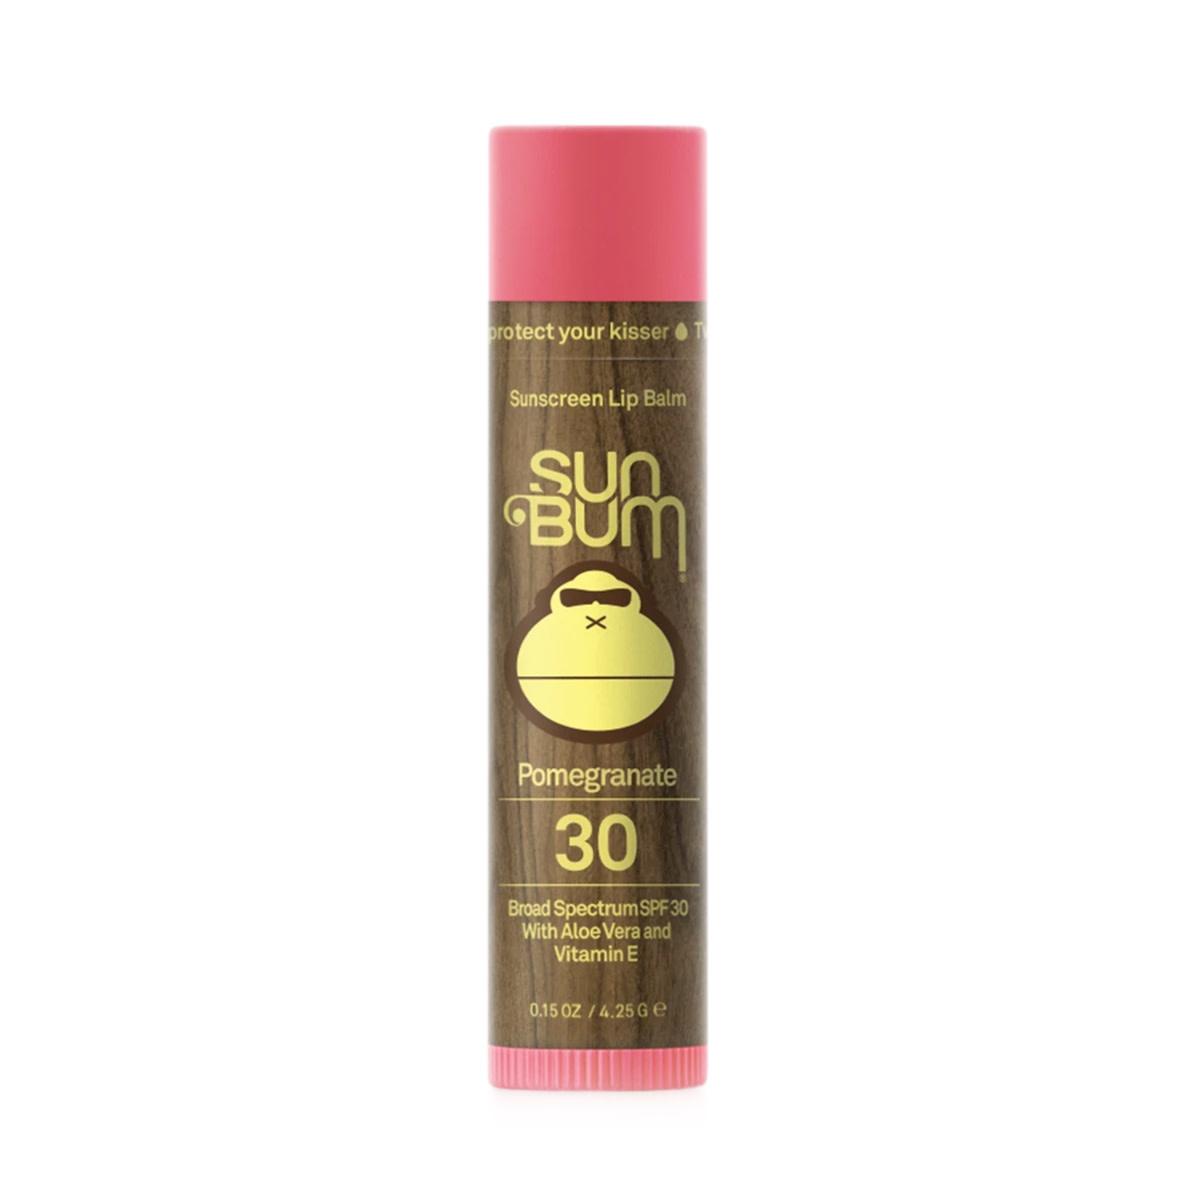 Sun Bum Sun Bum SPF 30 Pomegranate Lip Balm